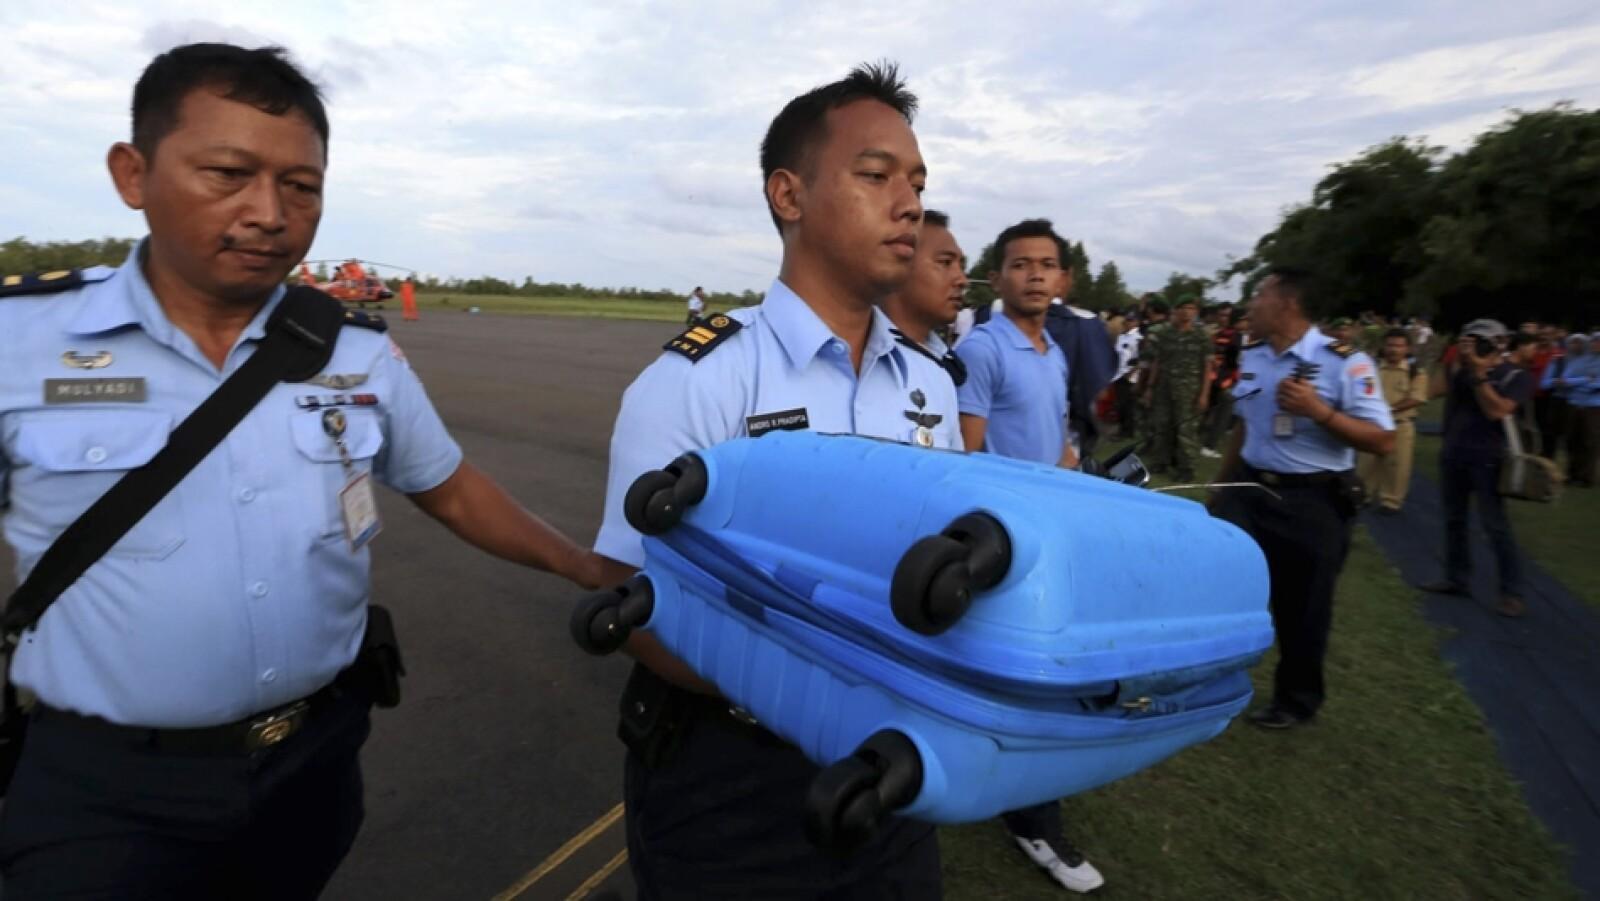 restos vuelo QZ8501 11